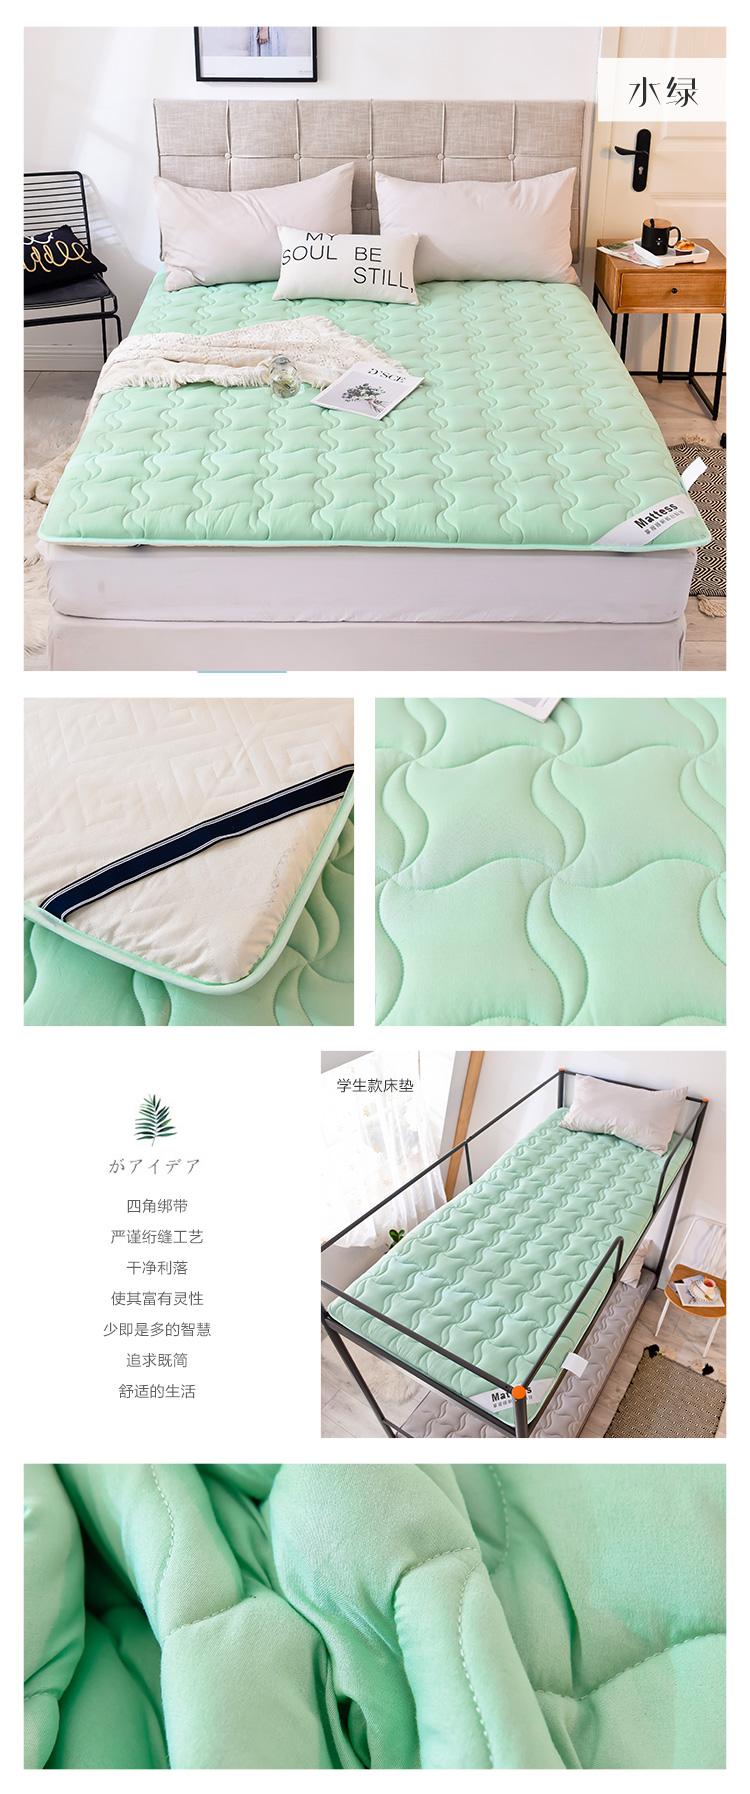 水洗棉床垫_23水绿.jpg